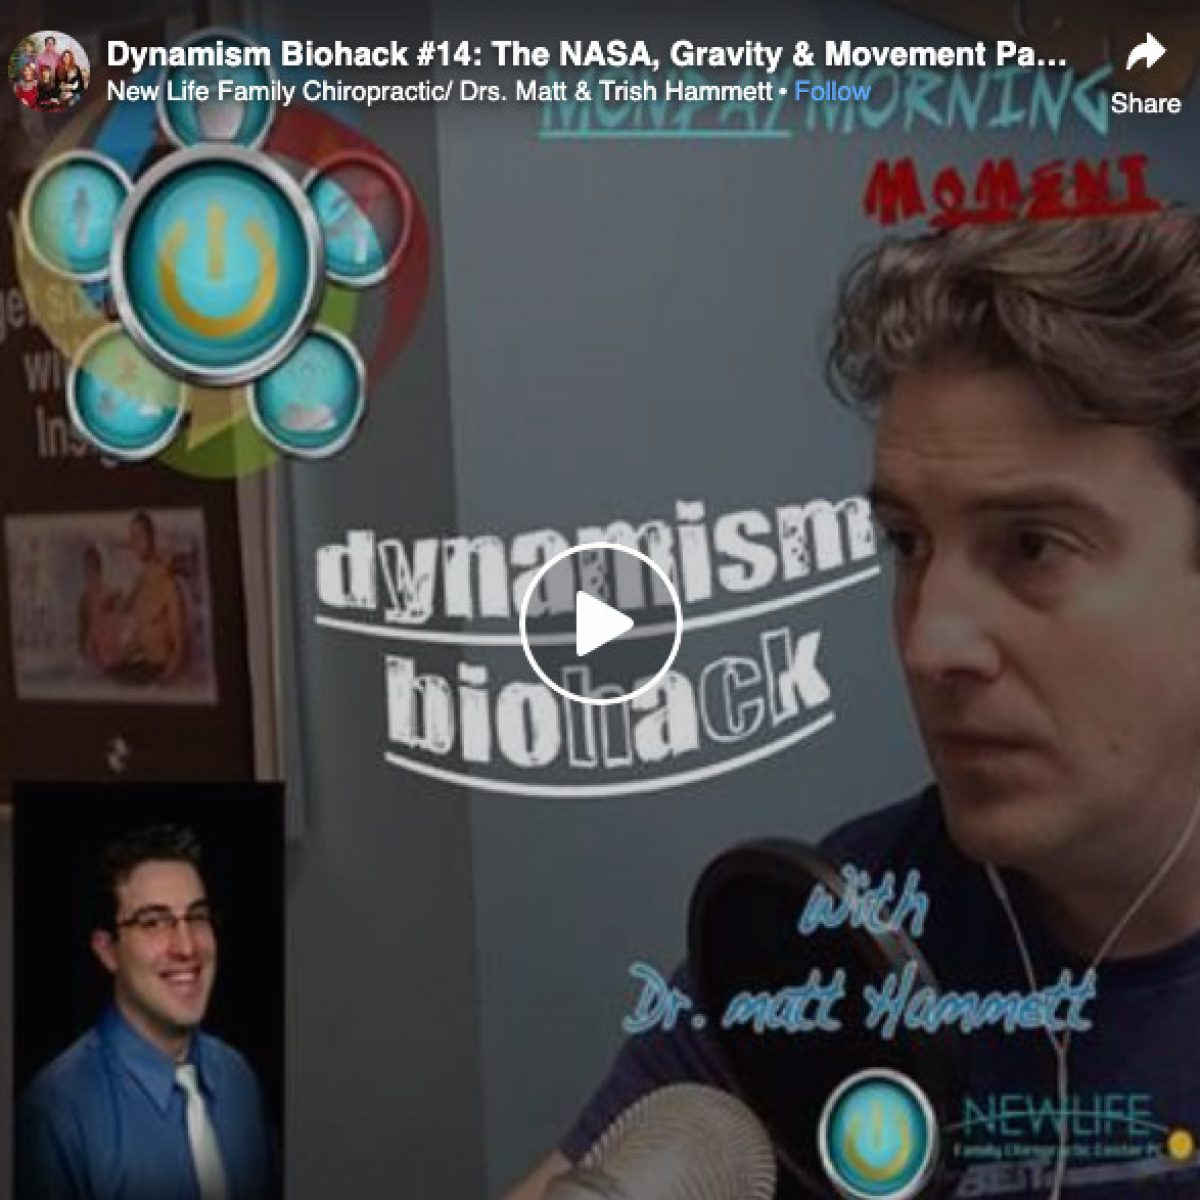 Dynamism Biohack #14: The NASA, Gravity & Movement Paradox